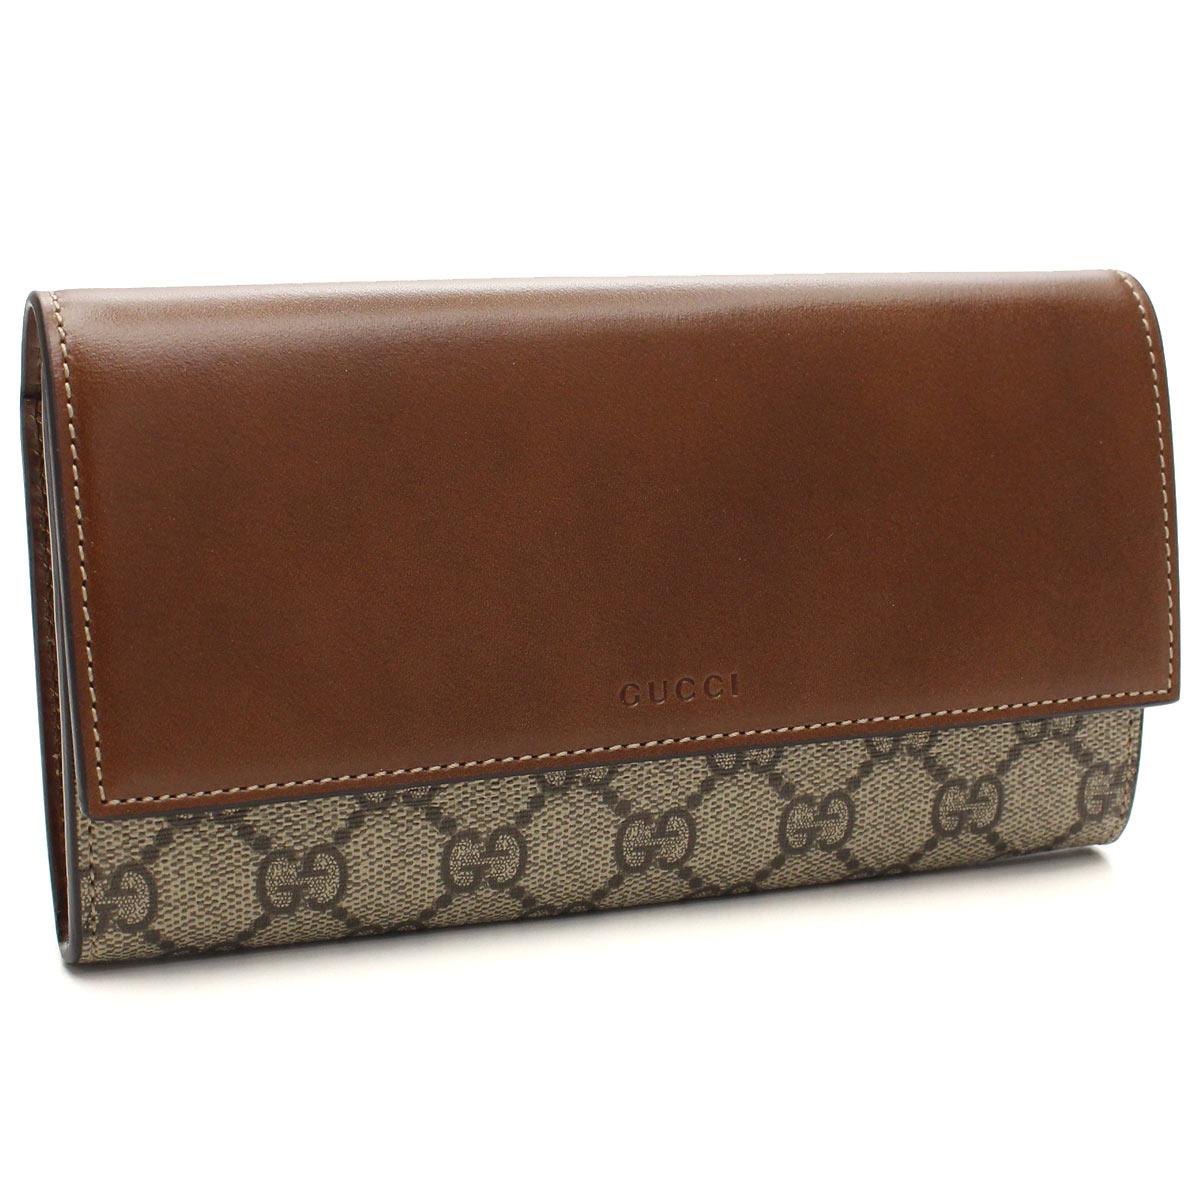 グッチ GUCCI 財布 二つ折り 長財布 小銭入付き 410100 KLQHG 8526 ブラウン系 メンズ レディース